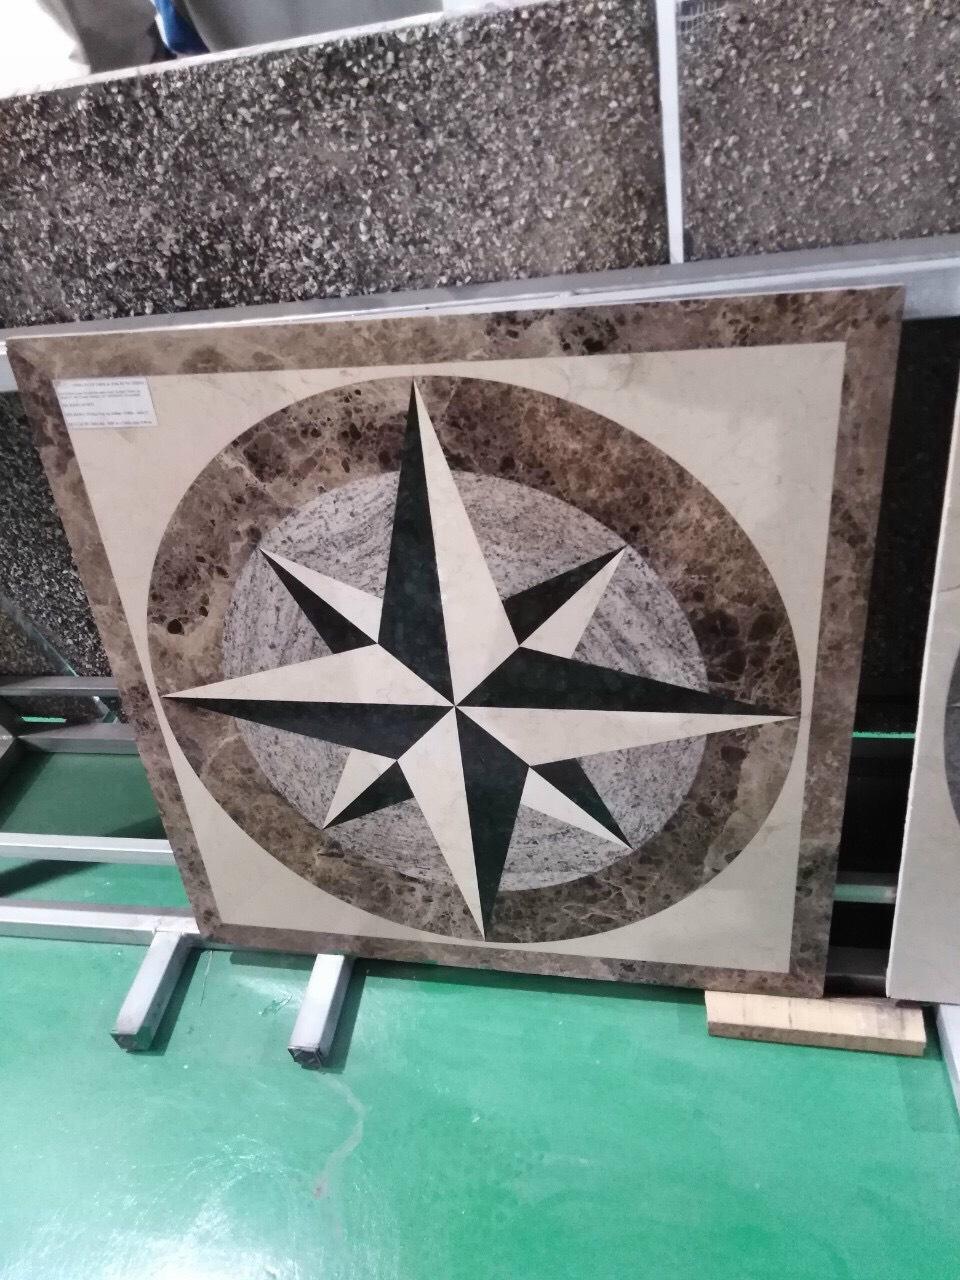 Đá Hoa văn KLP6 (giá 800mm, nếu 1000mm x 1.2; 1200mm x 2.8)